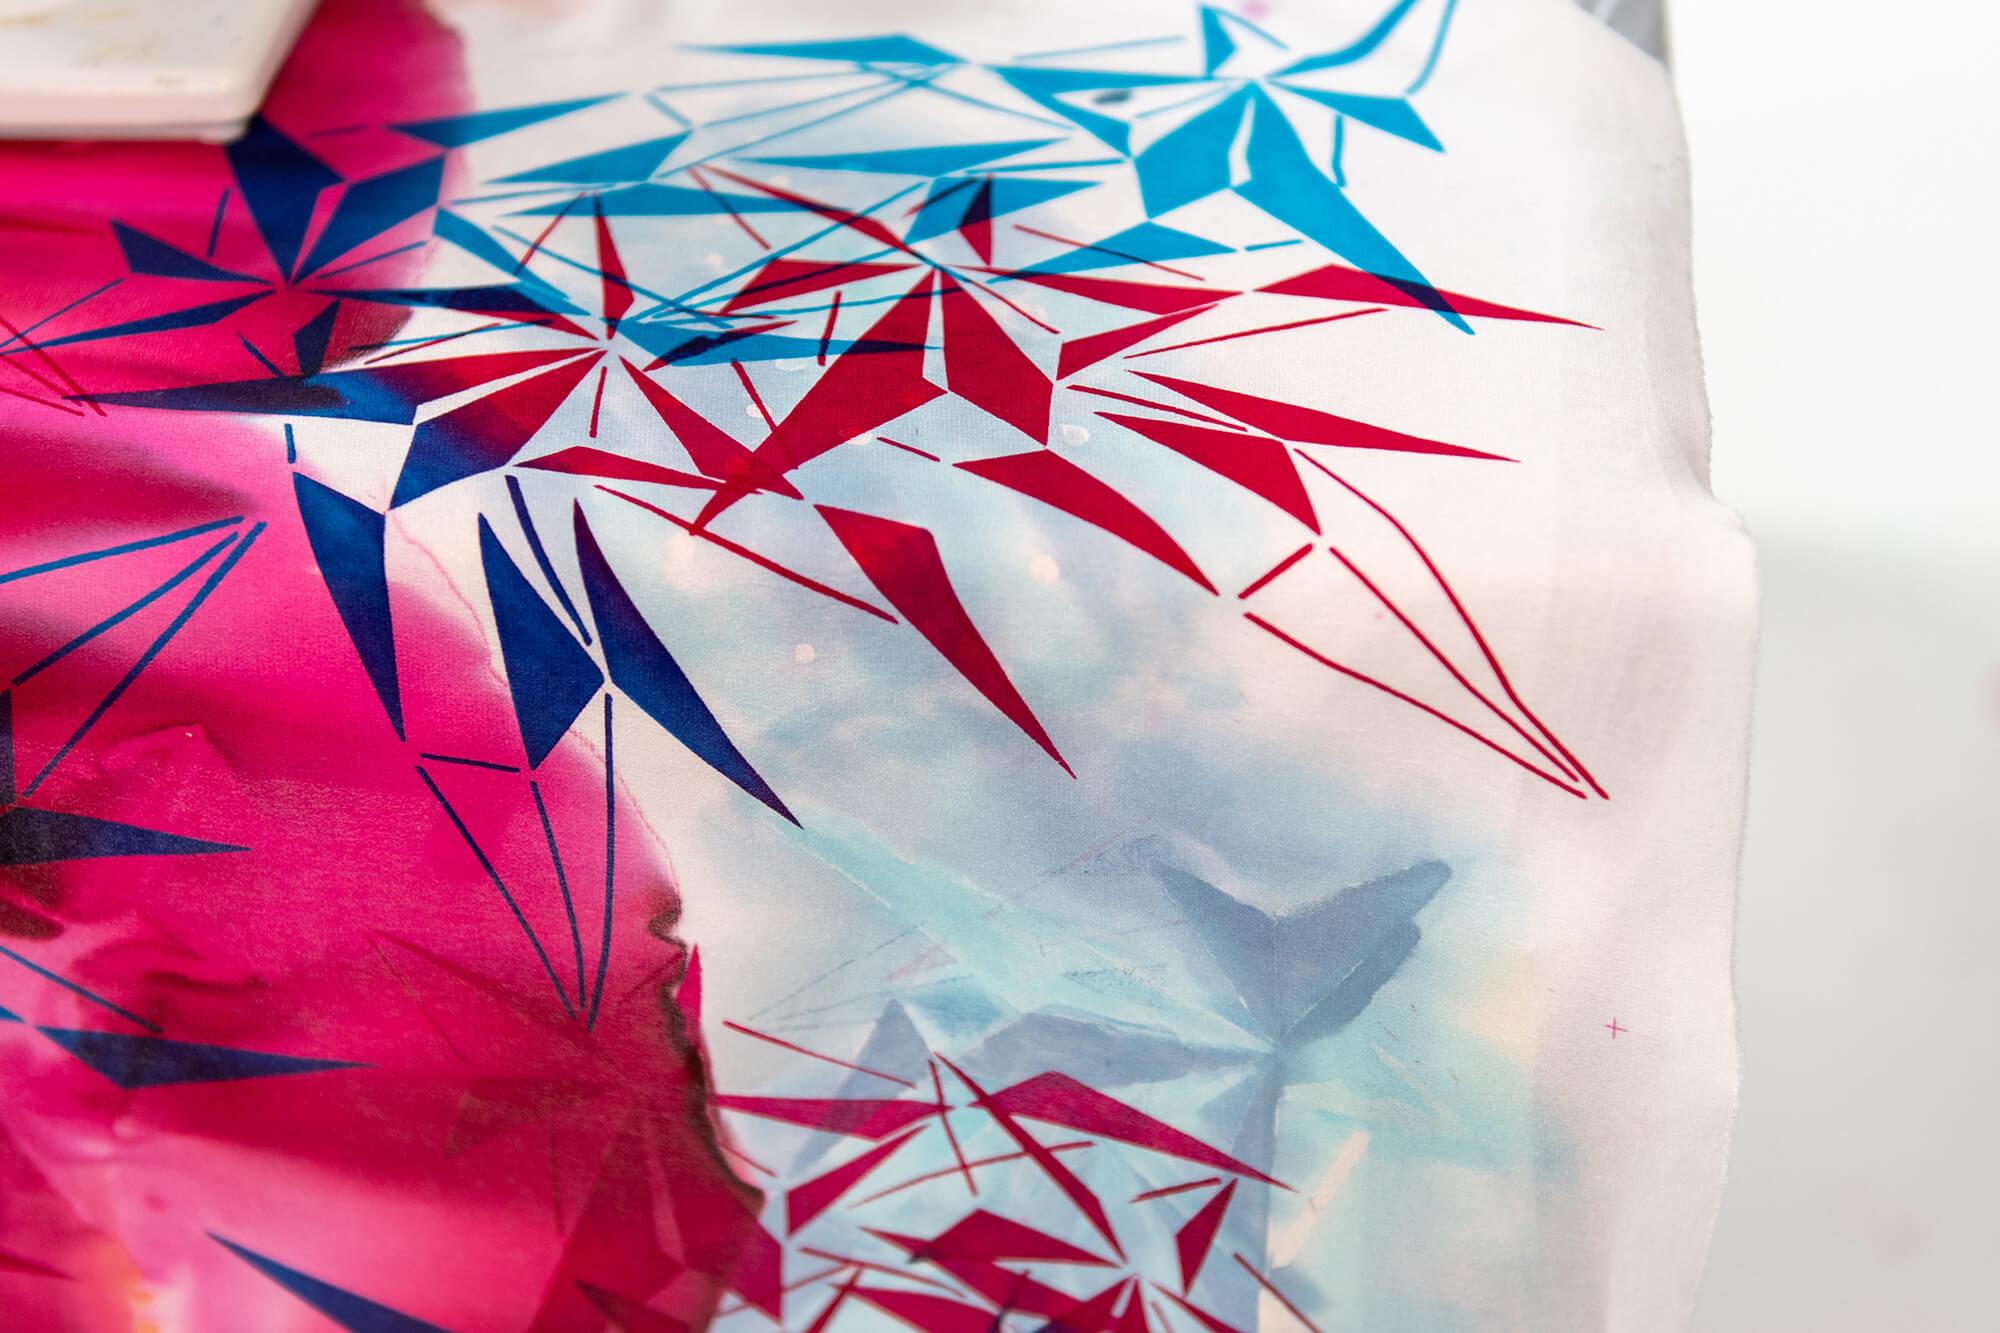 Tekstiltryk i pink, blå, rød og hvid